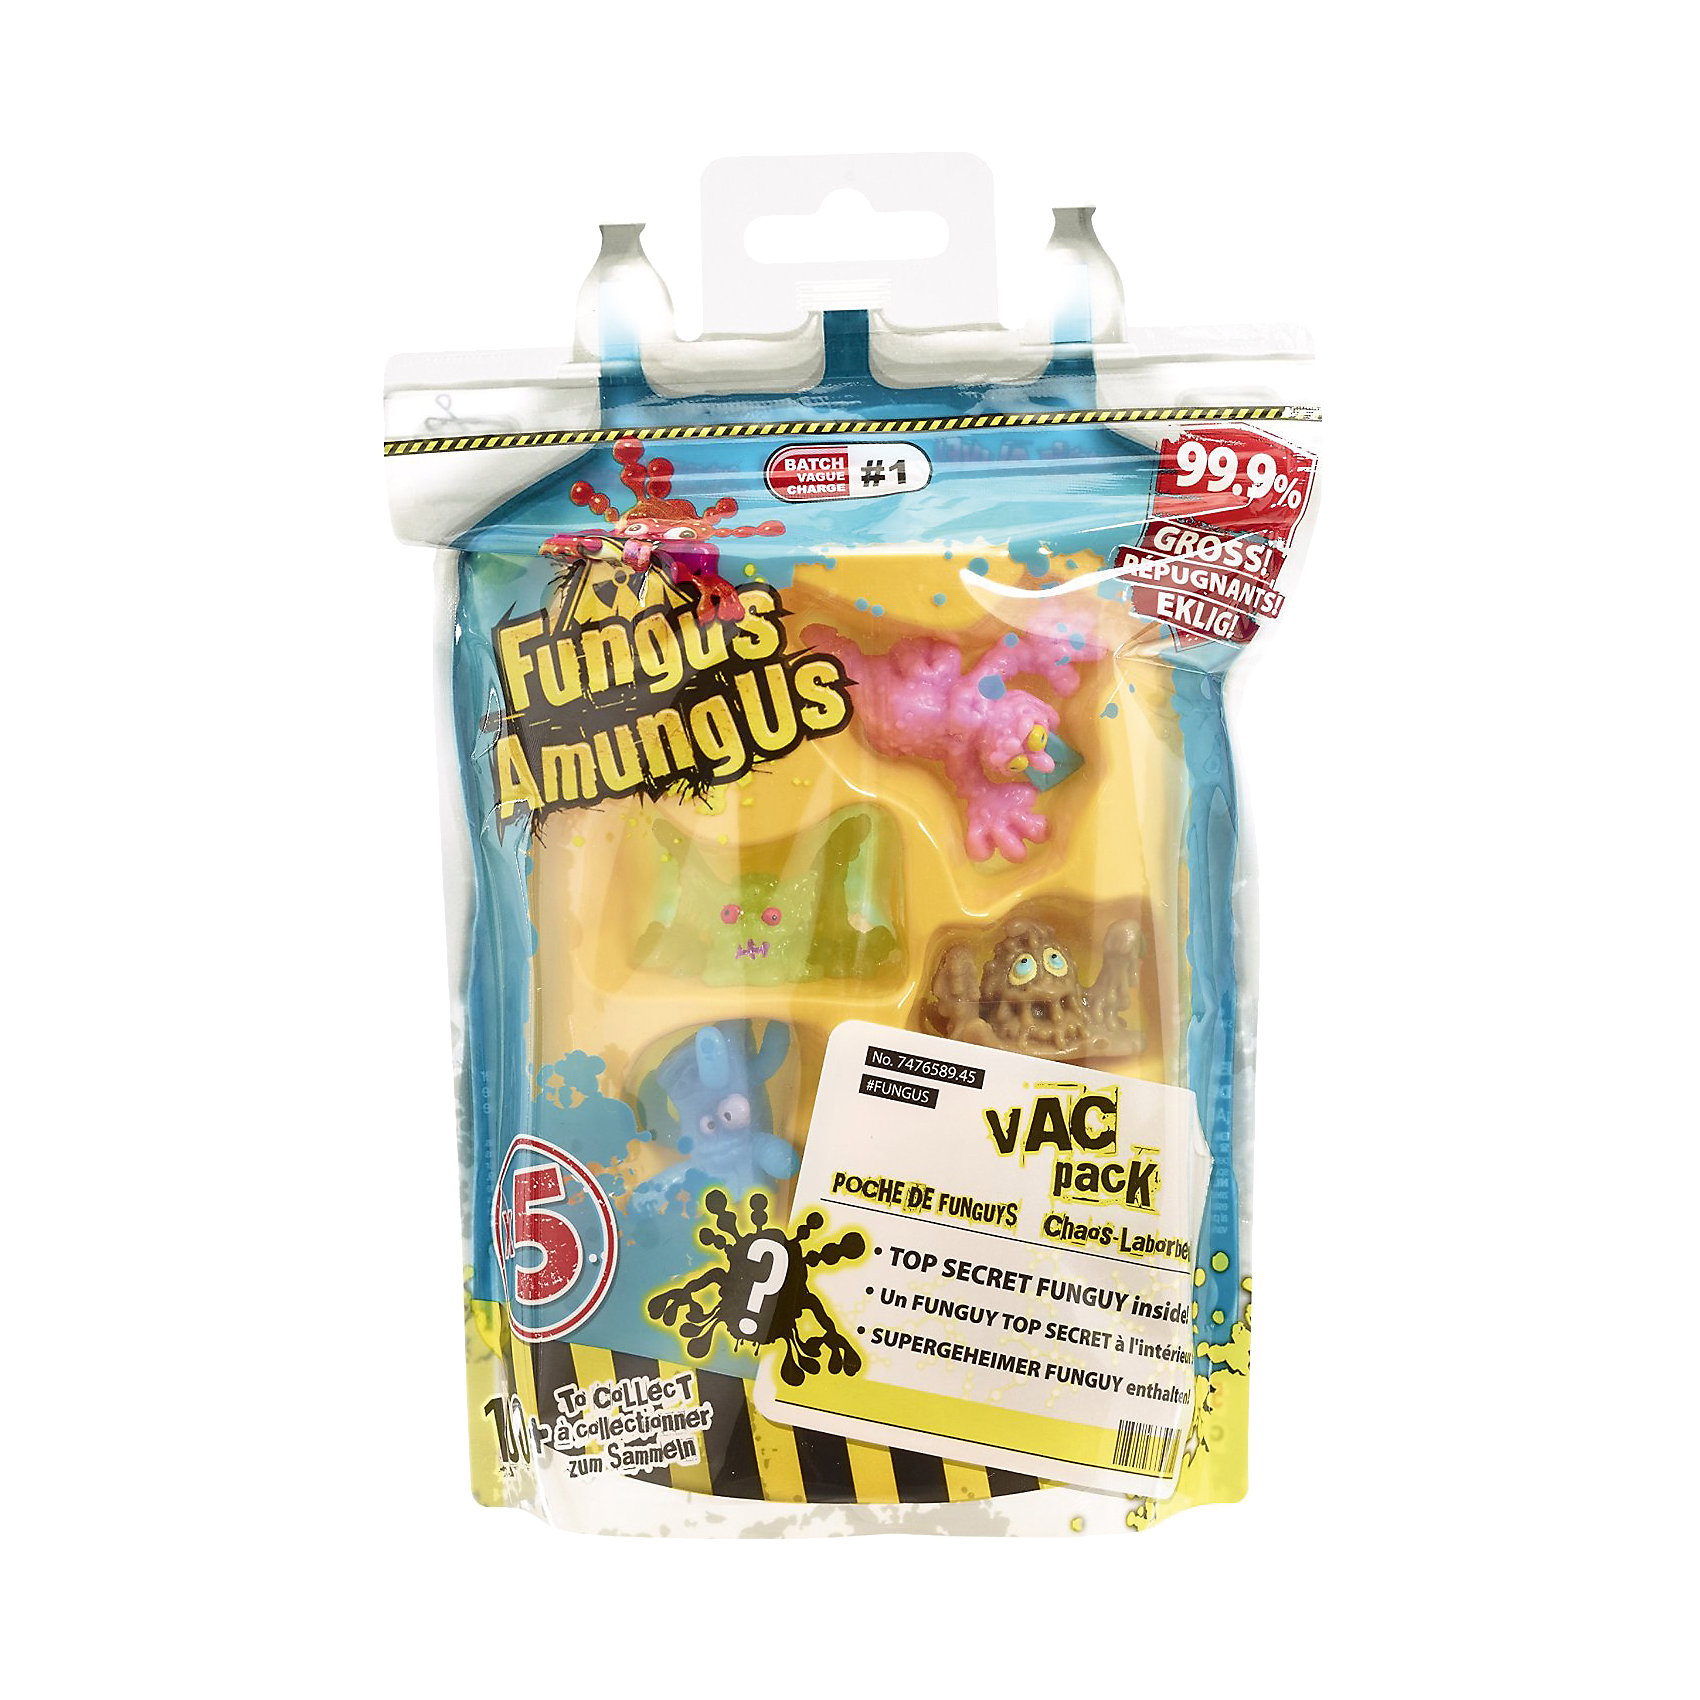 Игровой набор Вакуумный мешок Fungus Amungus, VividБластеры, пистолеты и прочее<br>Яркий набор игрушек - бактерий обязательно понравится Вашему ребенку!<br>Еще, в наборе находится руководство коллекционера: с помощью него можно легко определить, к какой из 7 групп микробов принадлежат Ваши персонажи и кого еще не хватает для полной коллекции.<br><br>Дополнительная информация:<br><br>- Возраст: от 4 лет.<br>- В наборе: мешок для микробов, 5 липких фигурок, буклет коллекционера.<br>- Материал: пластичный пластик.<br>- Размер фигурки: 3,5 см.<br>- Размер упаковки:  14.7x4.5x15.7 см.<br><br>Купить игровой набор Вакуумный мешок Fungus Amungus от Vivid, можно в нашем магазине.<br><br>Ширина мм: 174<br>Глубина мм: 136<br>Высота мм: 53<br>Вес г: 50<br>Возраст от месяцев: 48<br>Возраст до месяцев: 96<br>Пол: Мужской<br>Возраст: Детский<br>SKU: 4371248